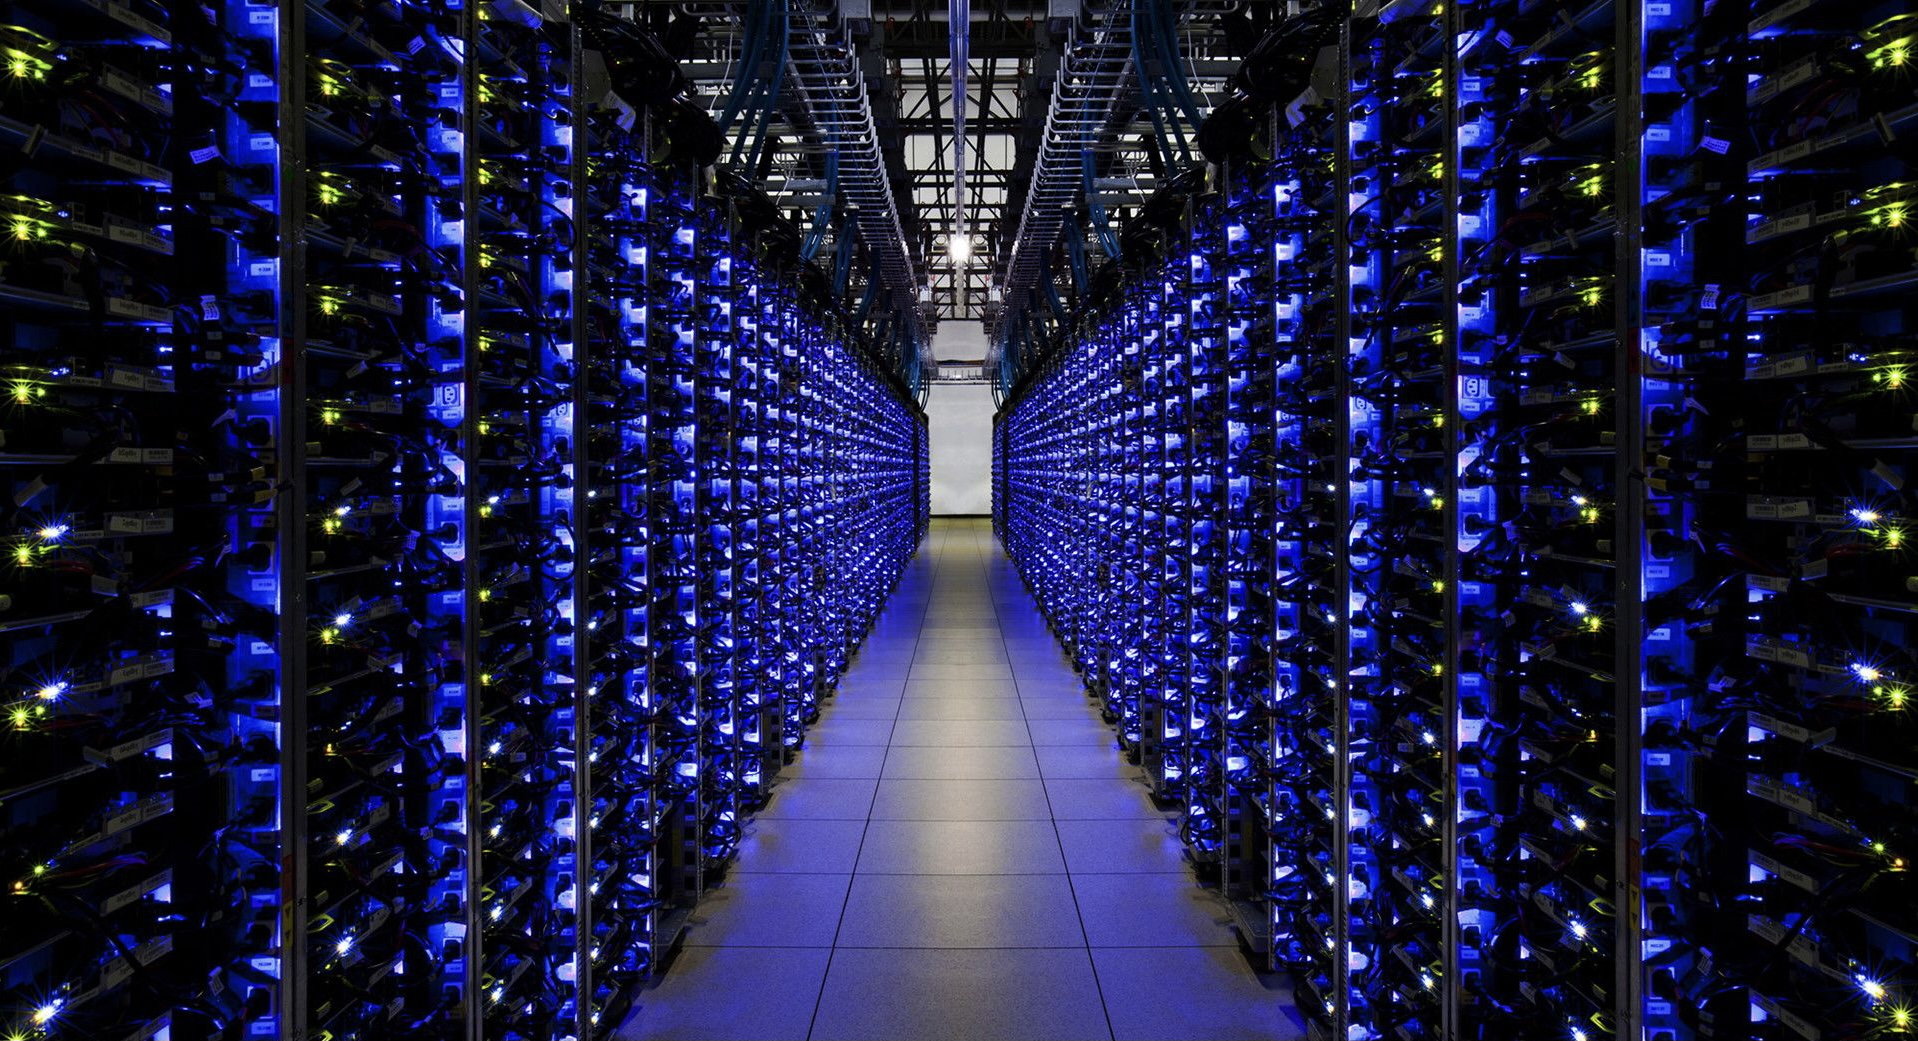 دوره های آموزش مهندسی شبکه و زیر ساخت